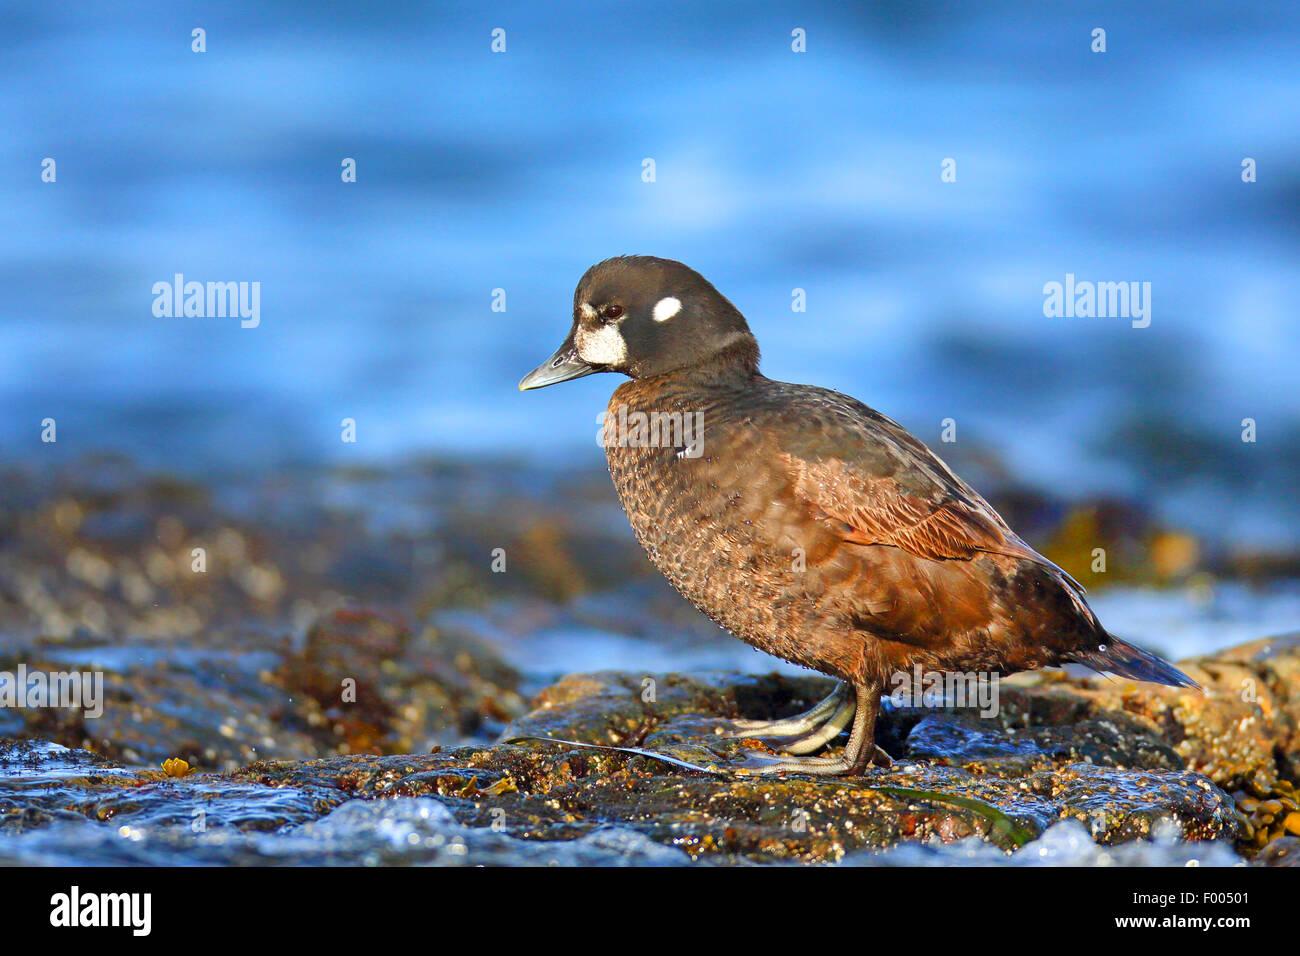 El pato arlequín (Histrionicus histrionicus), hembra se alza sobre una roca en el mar, el Canadá, la isla Imagen De Stock